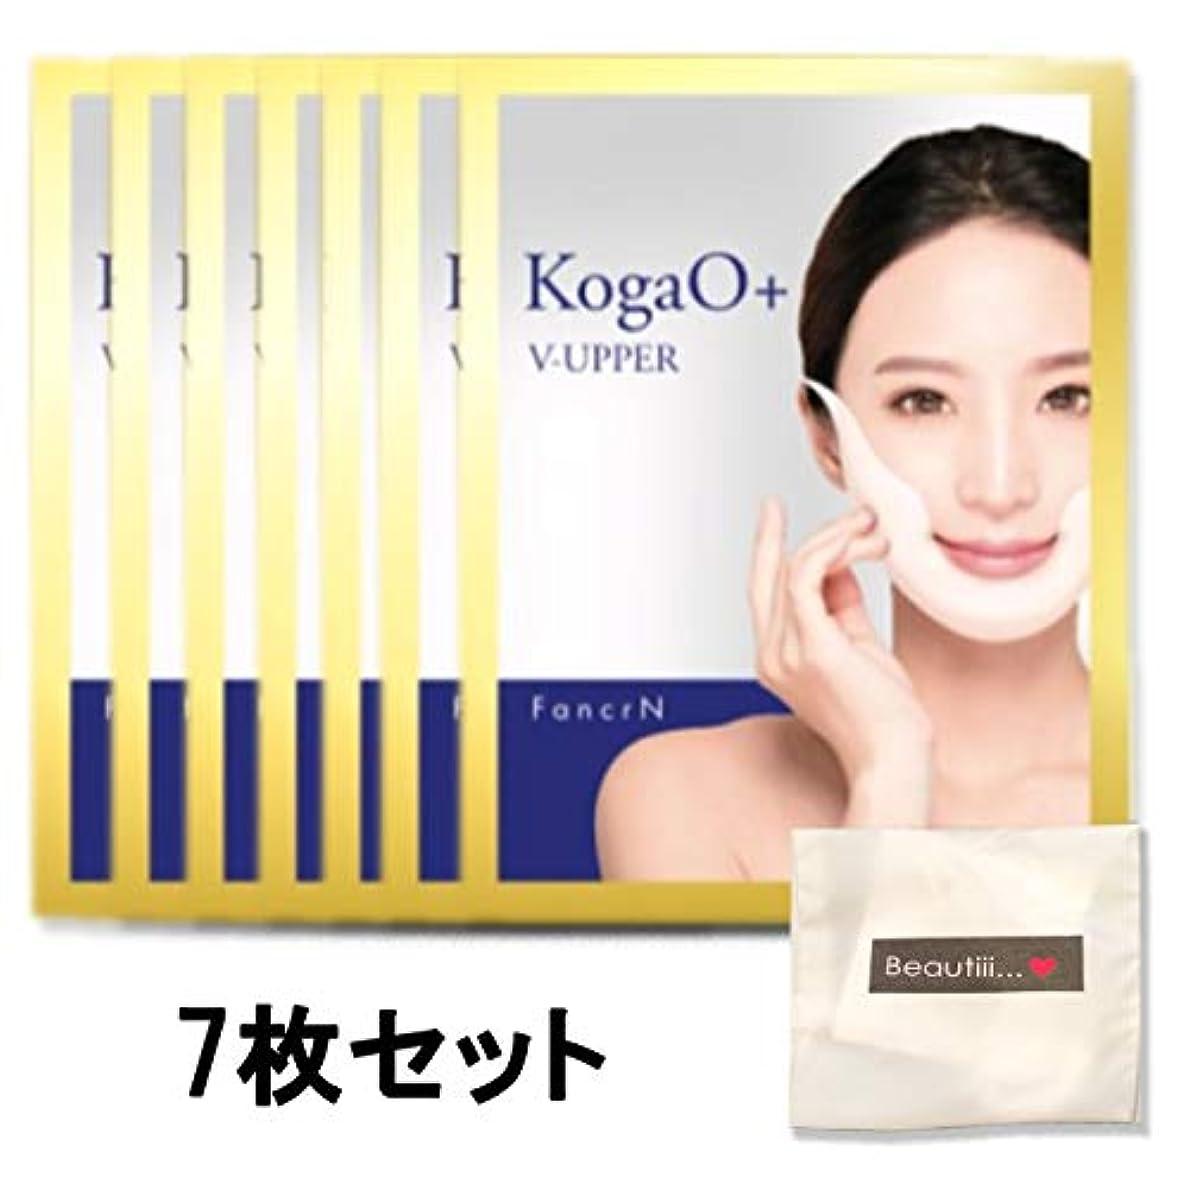 収縮療法敷居Beautiiiセット & Kogao+小顔プラス 7枚セット 【ギフトセット】 SNSで話題!大人気!